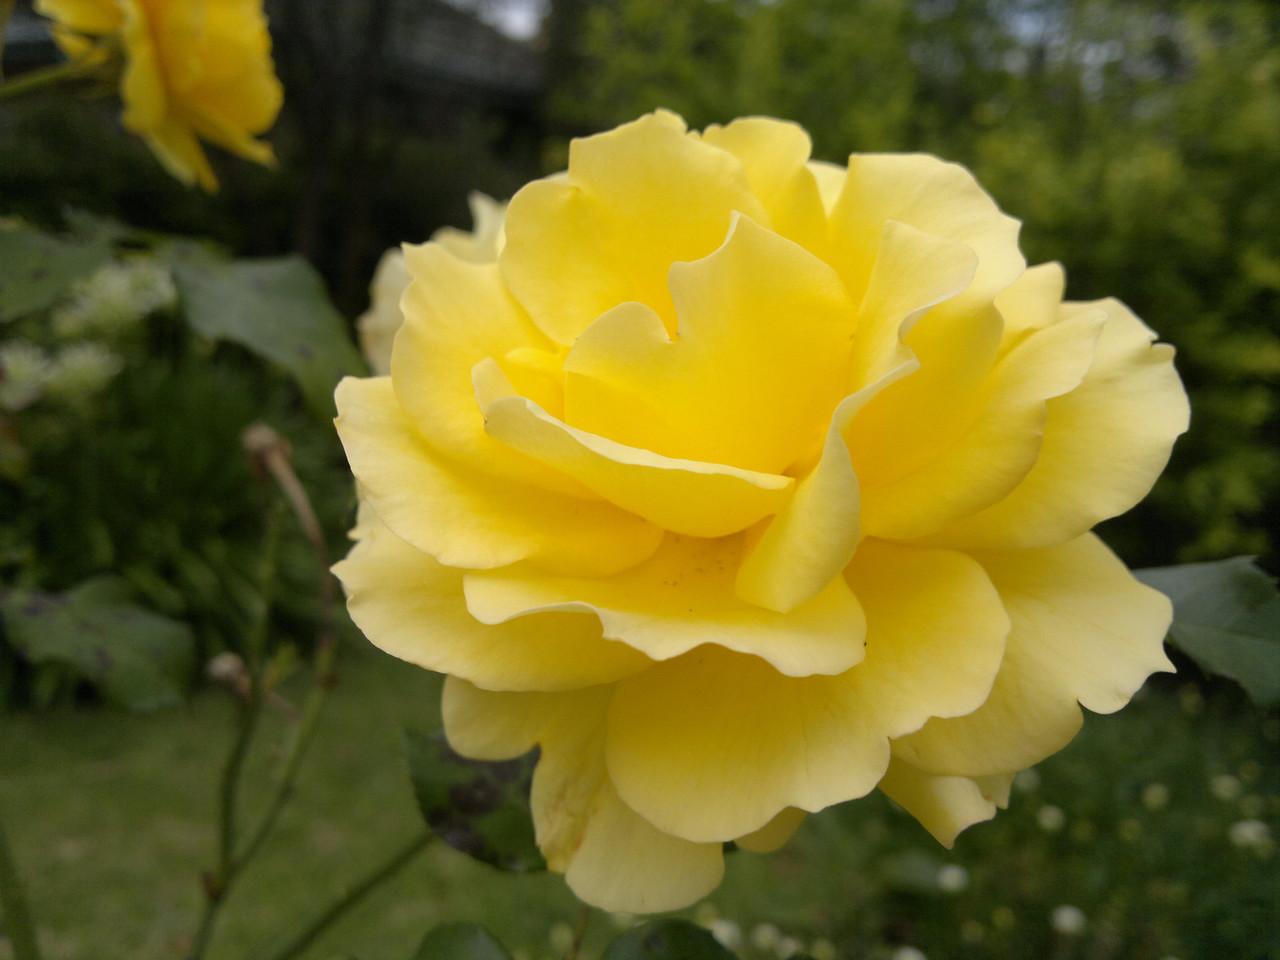 20111203_1151_055 rose